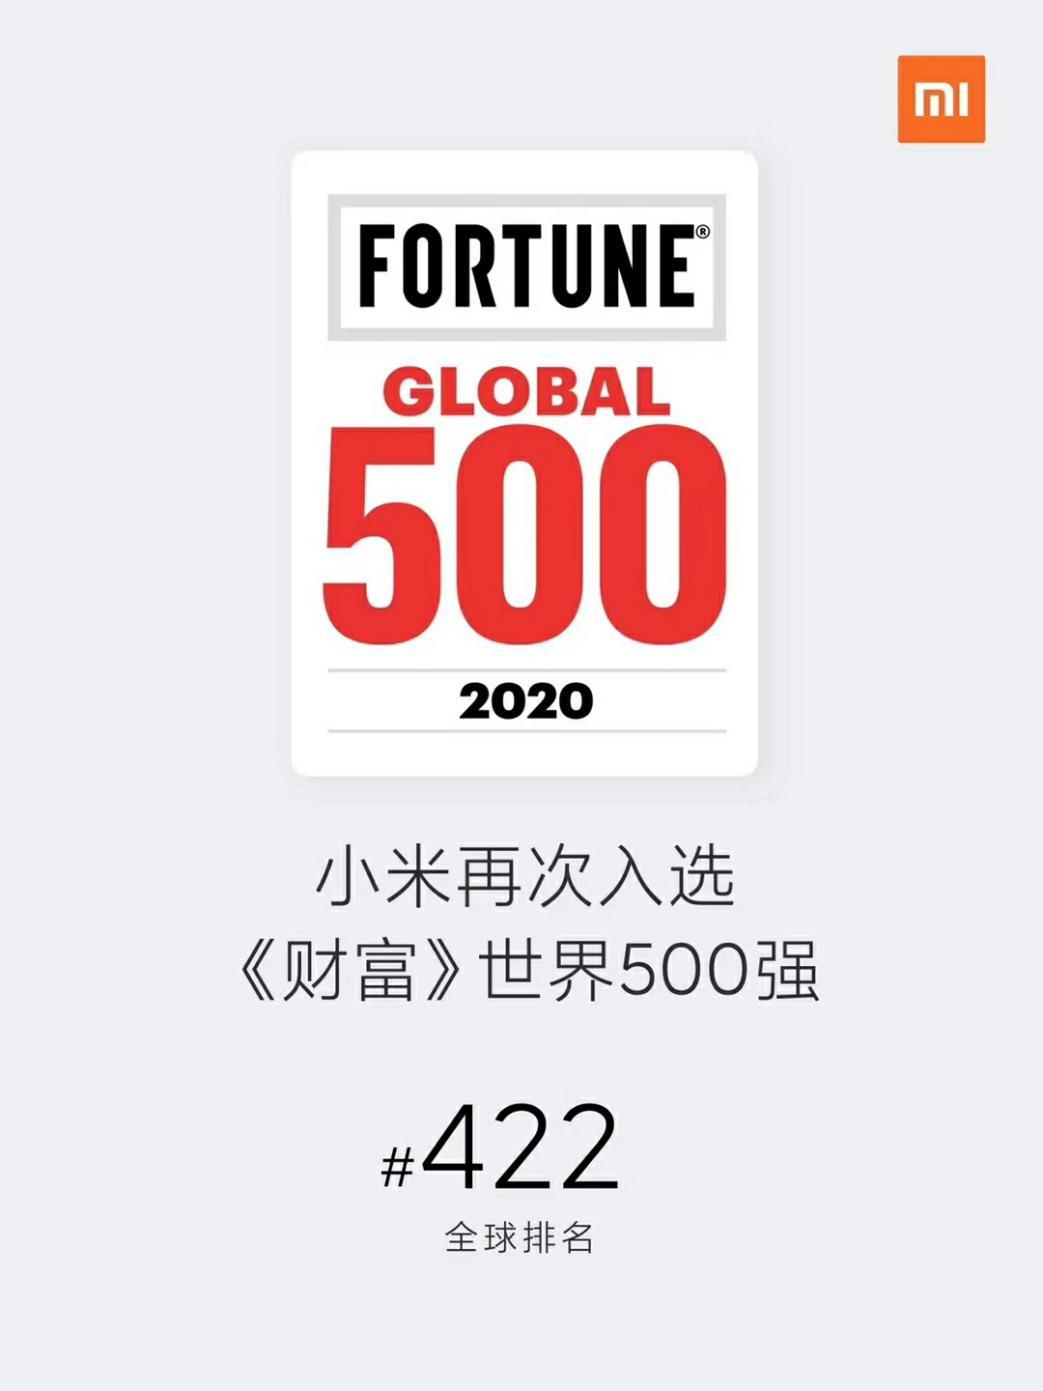 《财富》2020世界500强出炉 阿里小米升幅领跑全球互联网企业